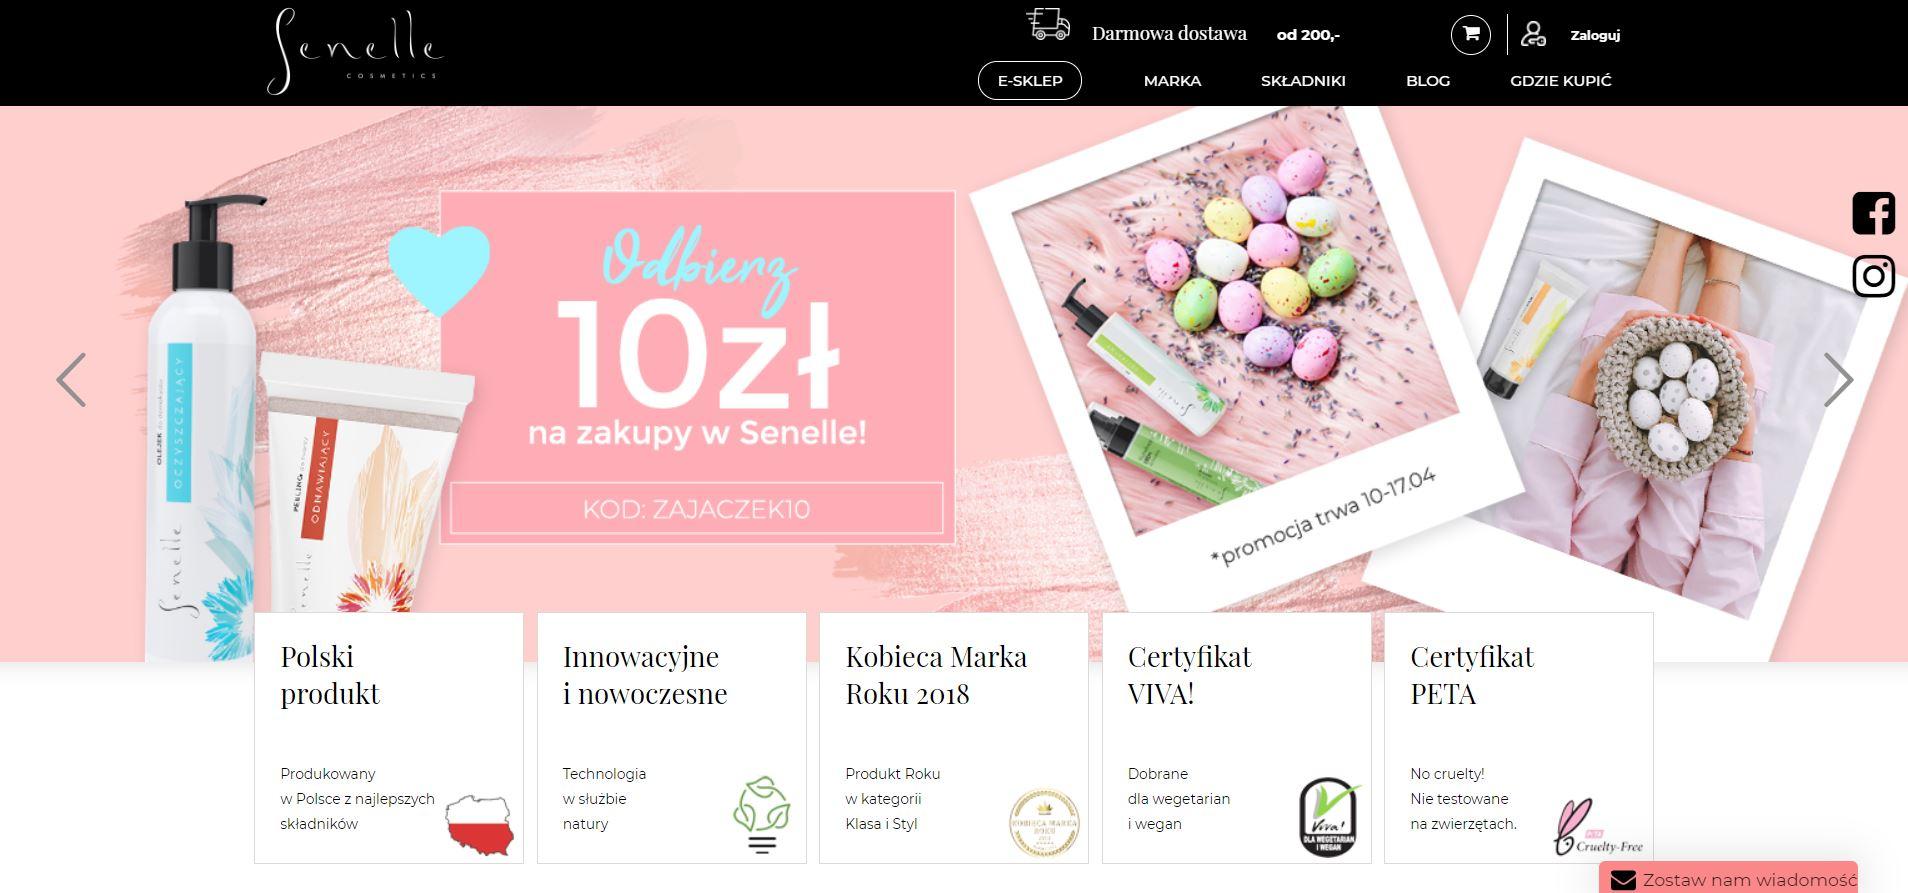 teksty na strone www branza kosmetyczna